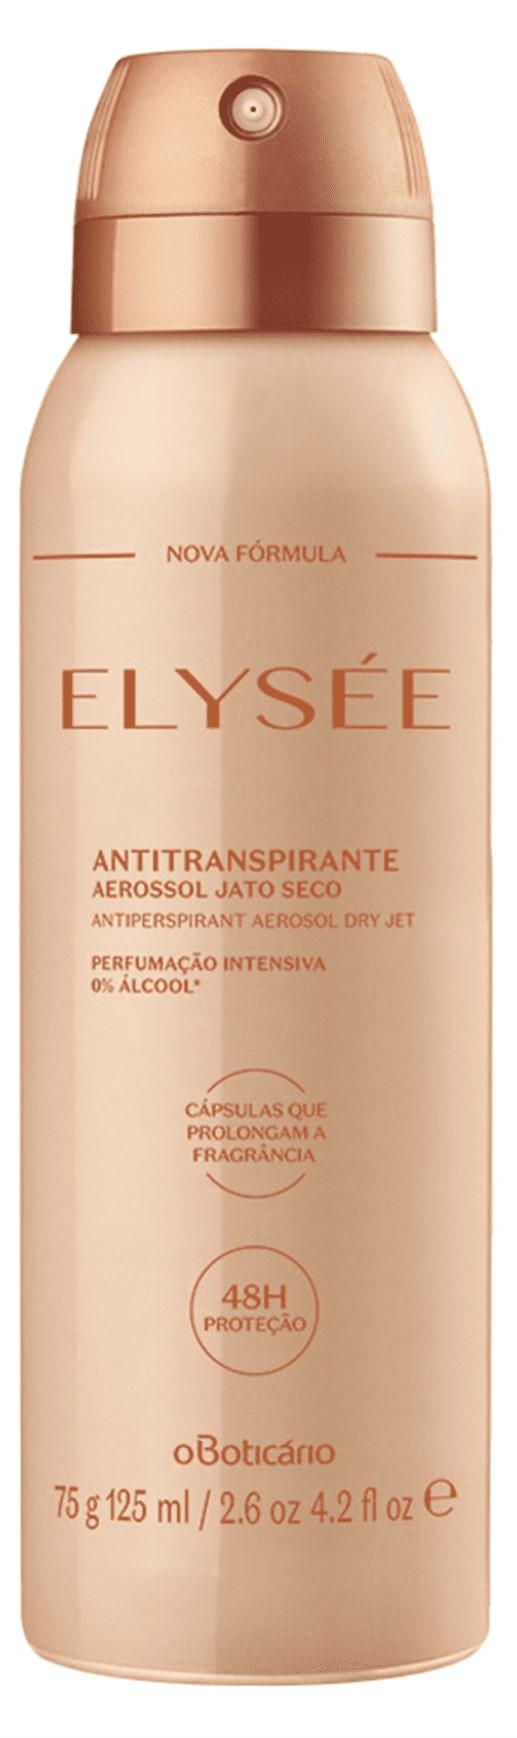 ff7207f0-1df7-4275-8b26-340194b8bd08-desodorante-antitranspirante-aerosol-elysee-75g125ml